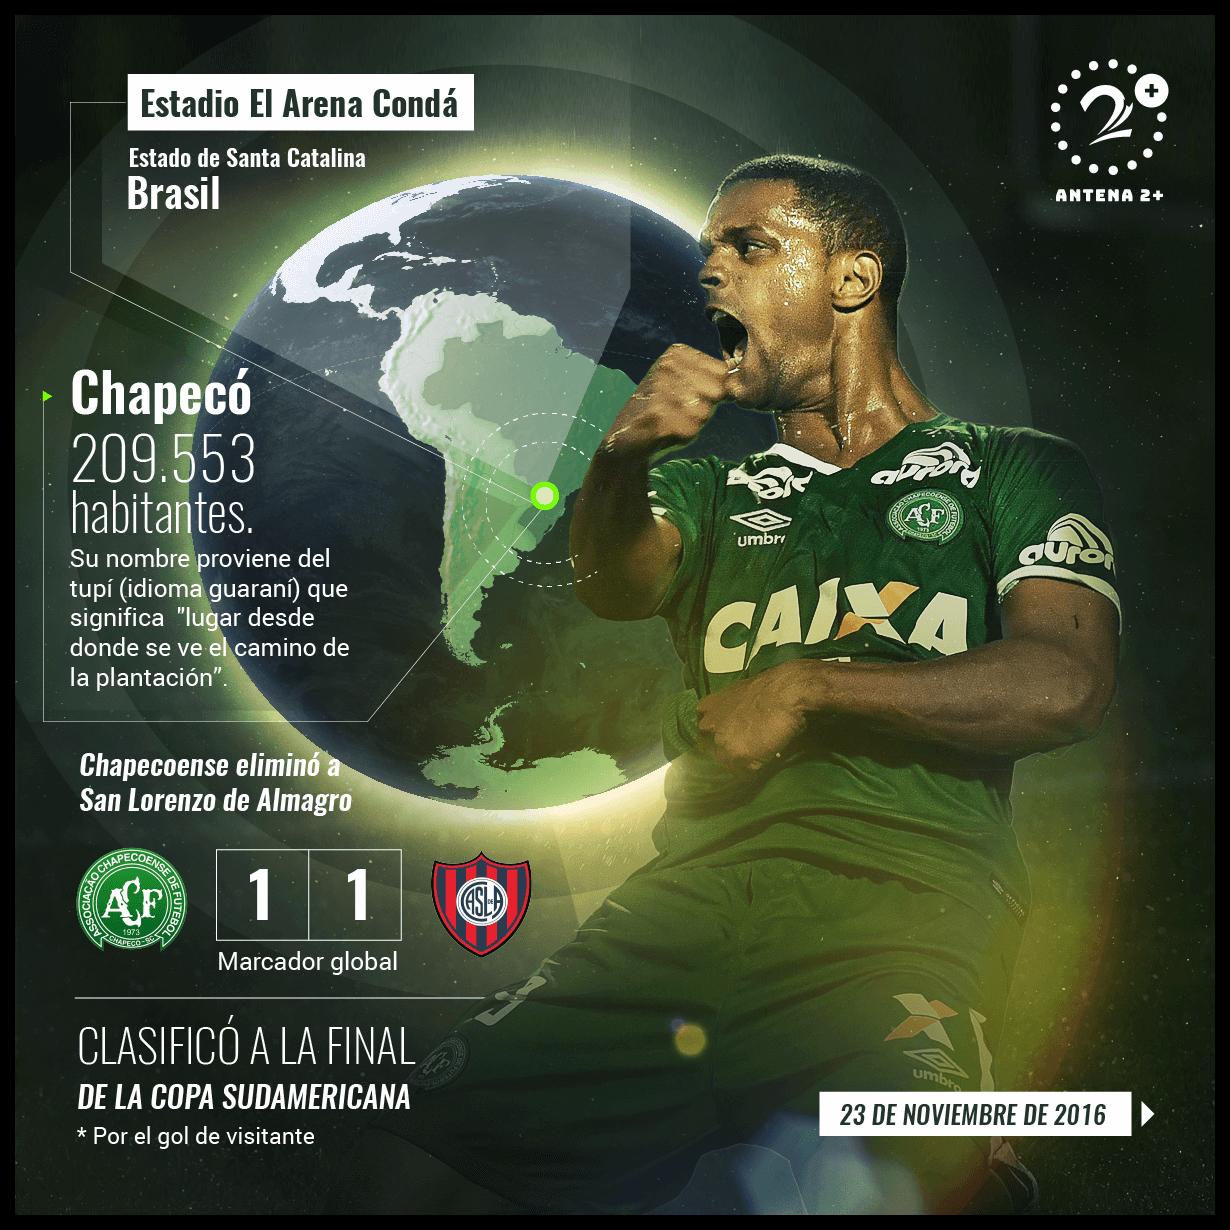 Chapecoense elinima a San Lorenzo de Almagro, por diferencia de gol